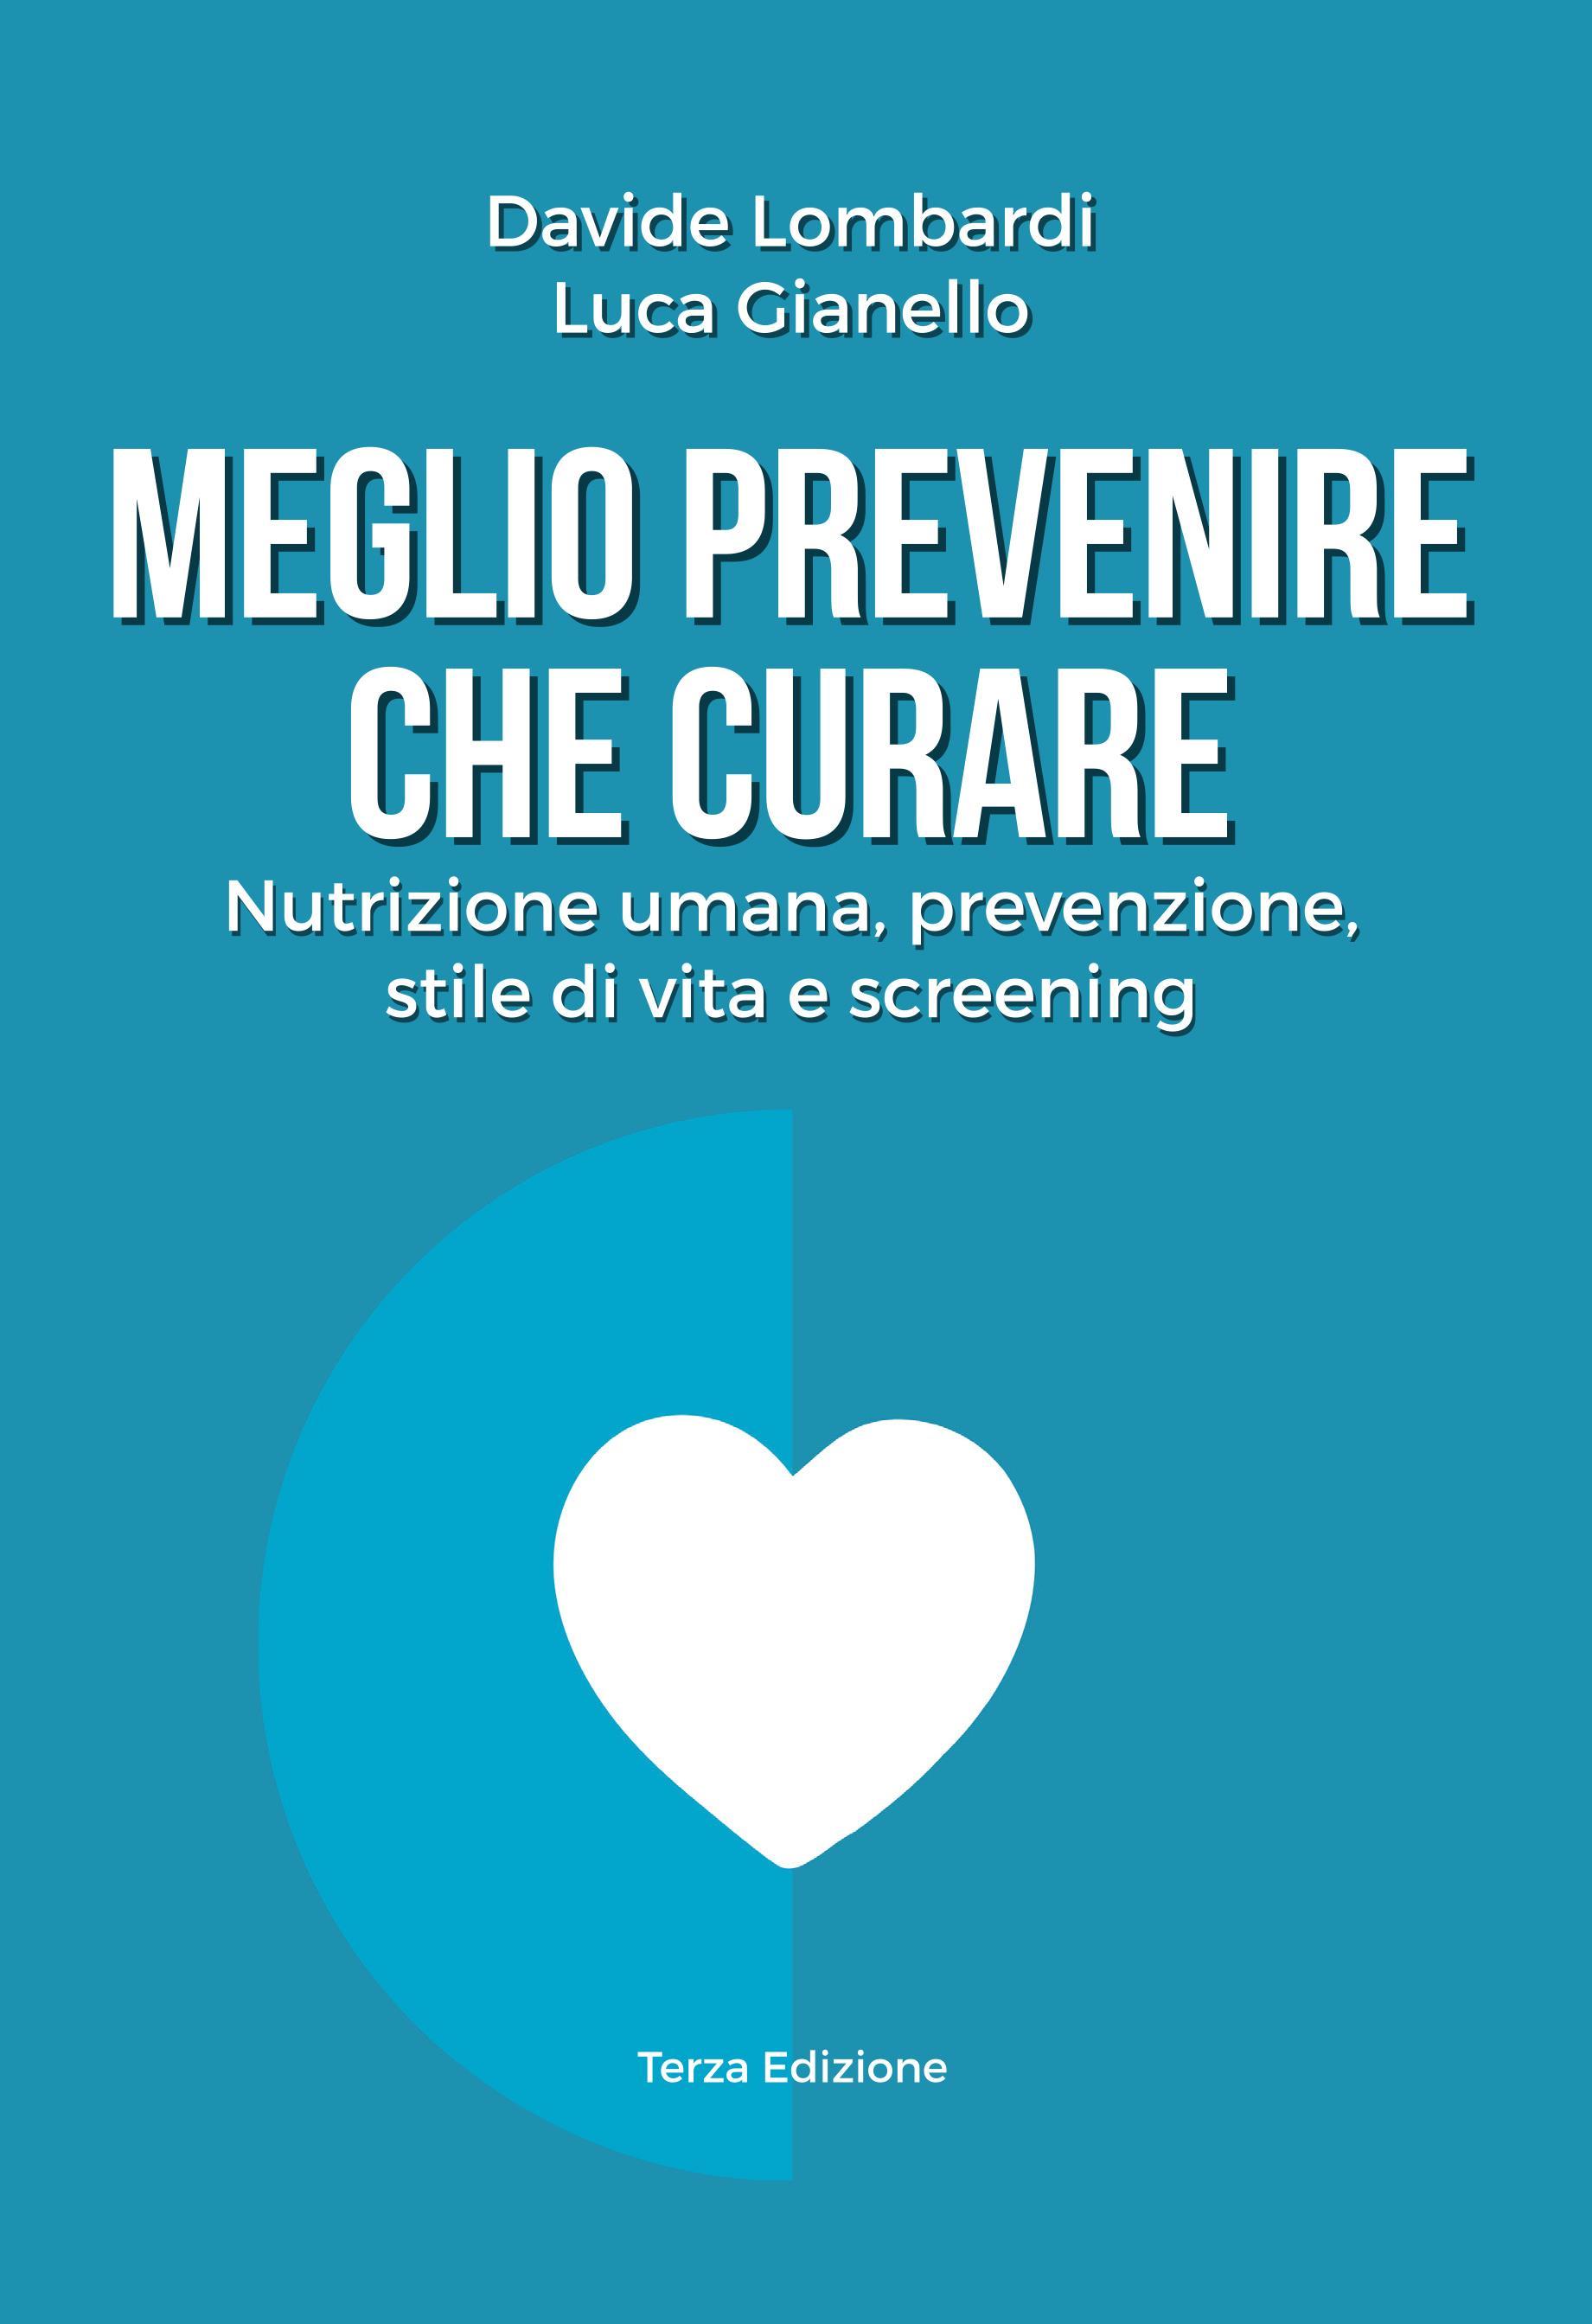 Meglio prevenire che curare. Nutrizione umana, prevenzione, stile di vita e screening